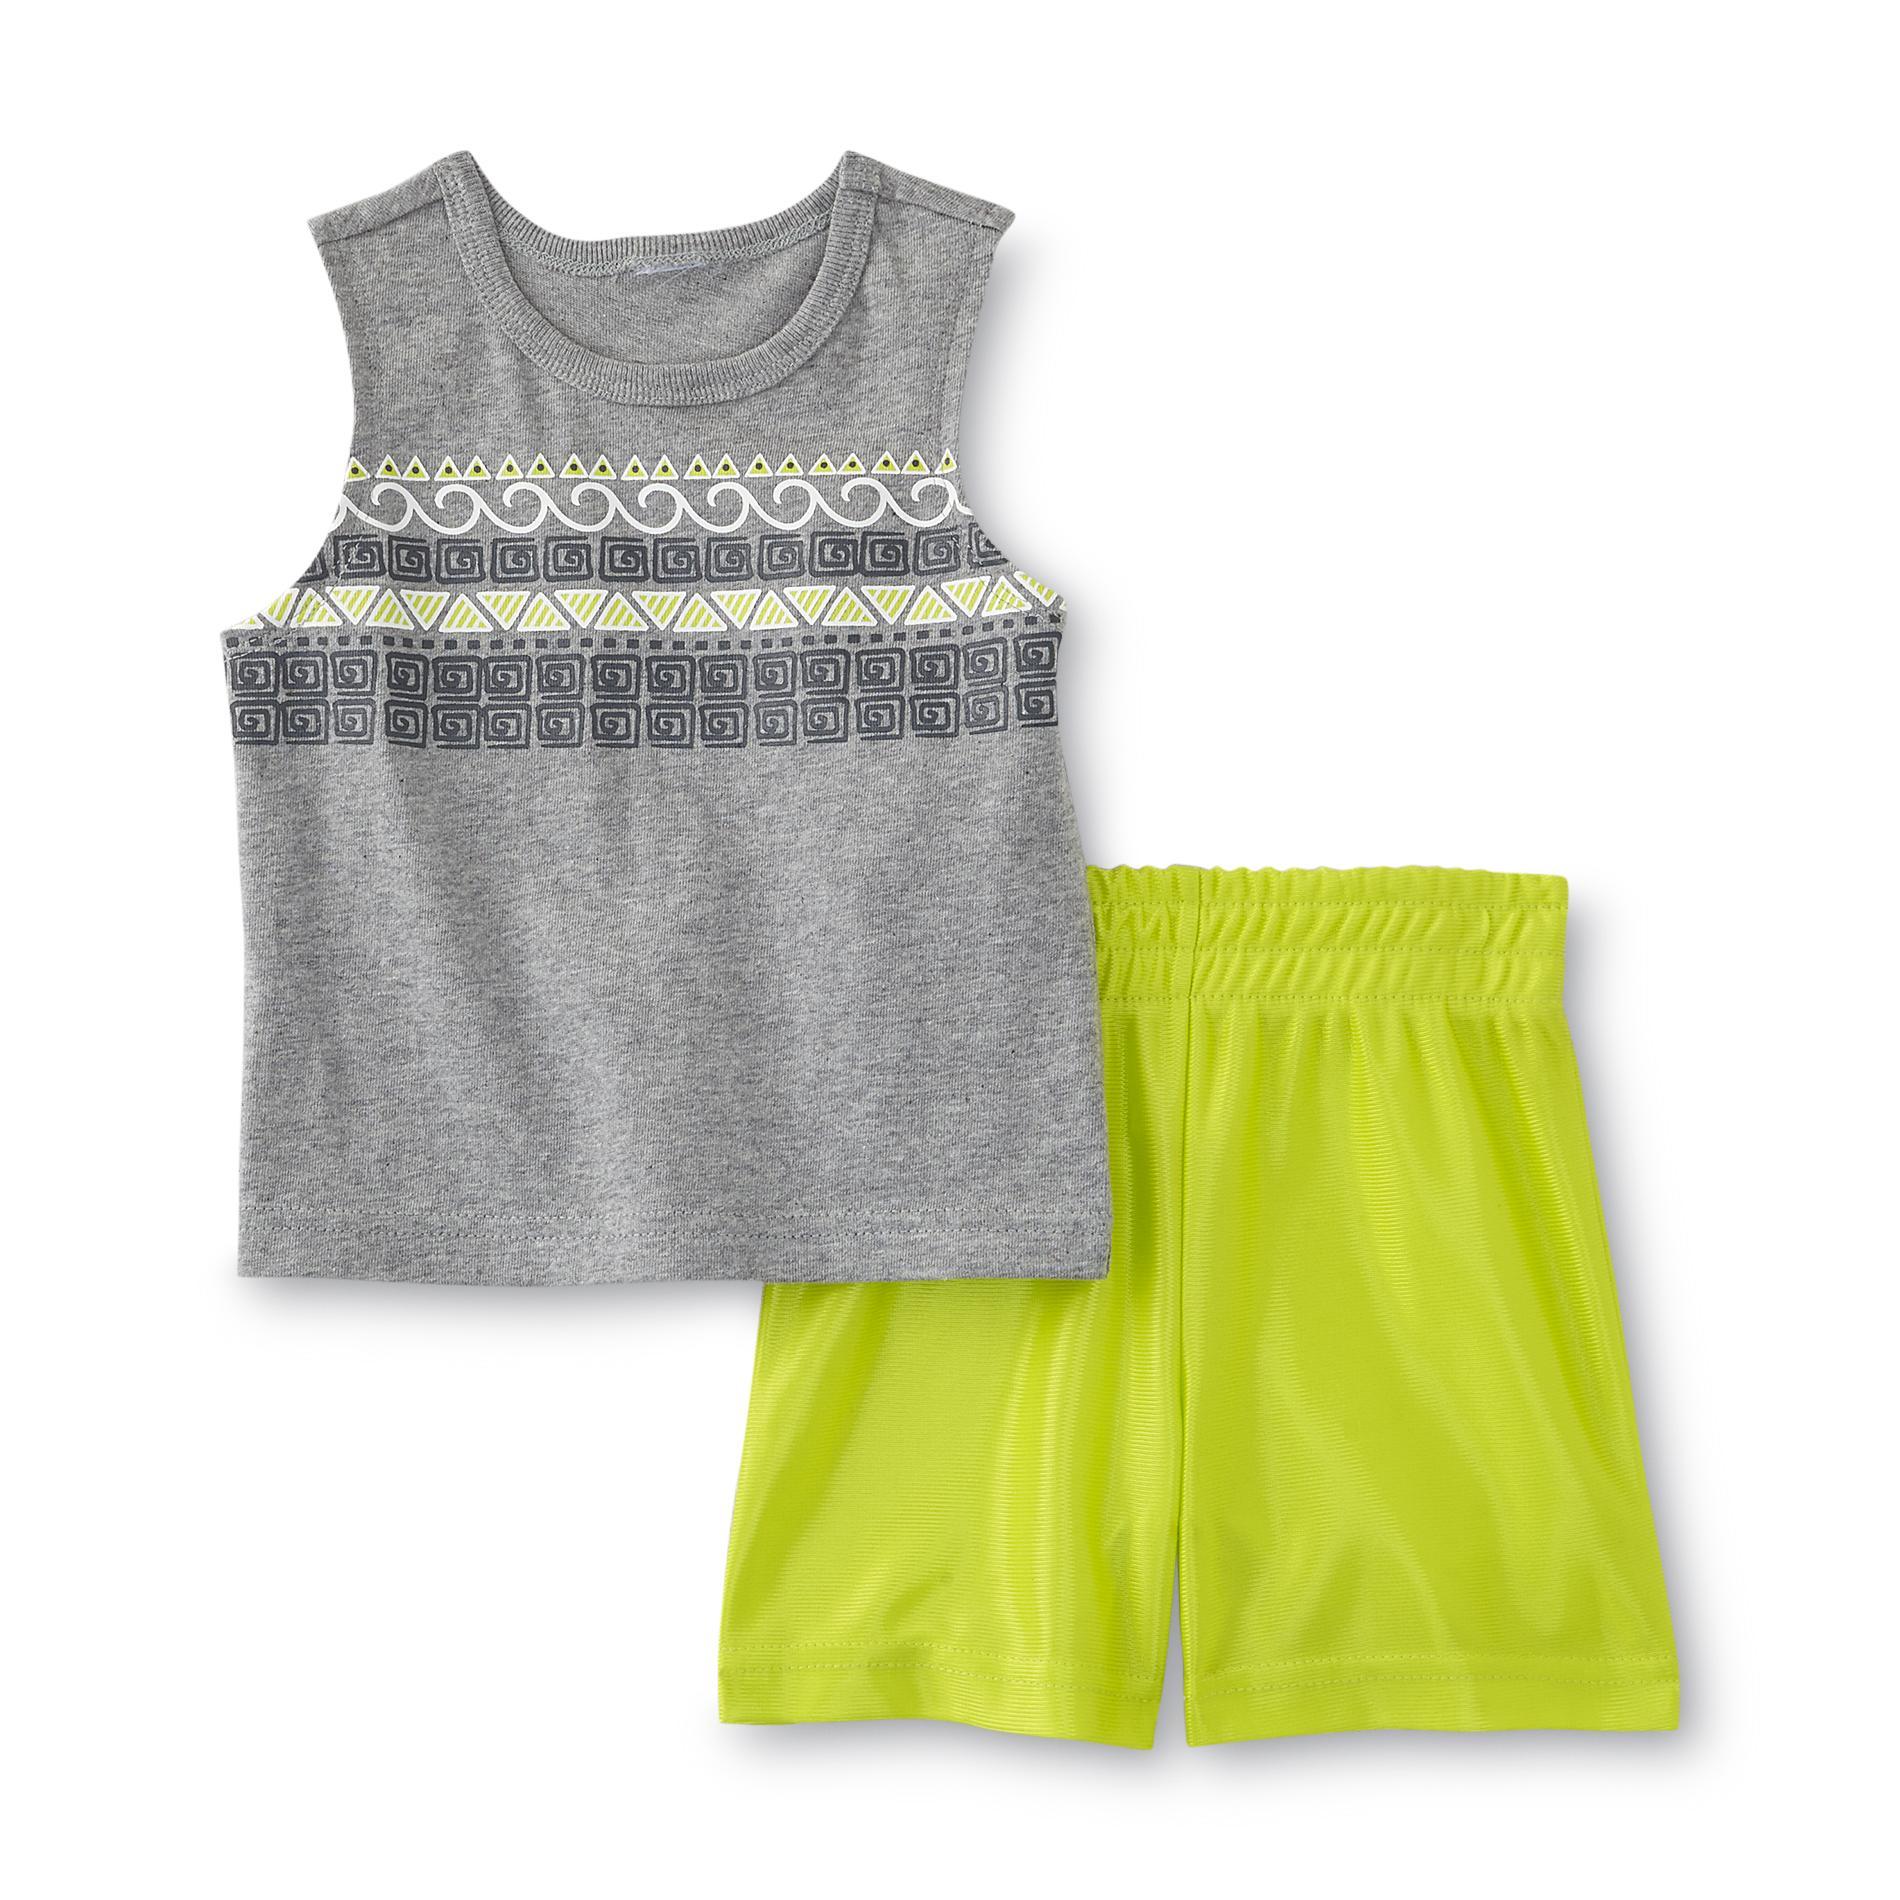 Small Wonders Newborn Boy's Tank Top & Shorts - Tribal